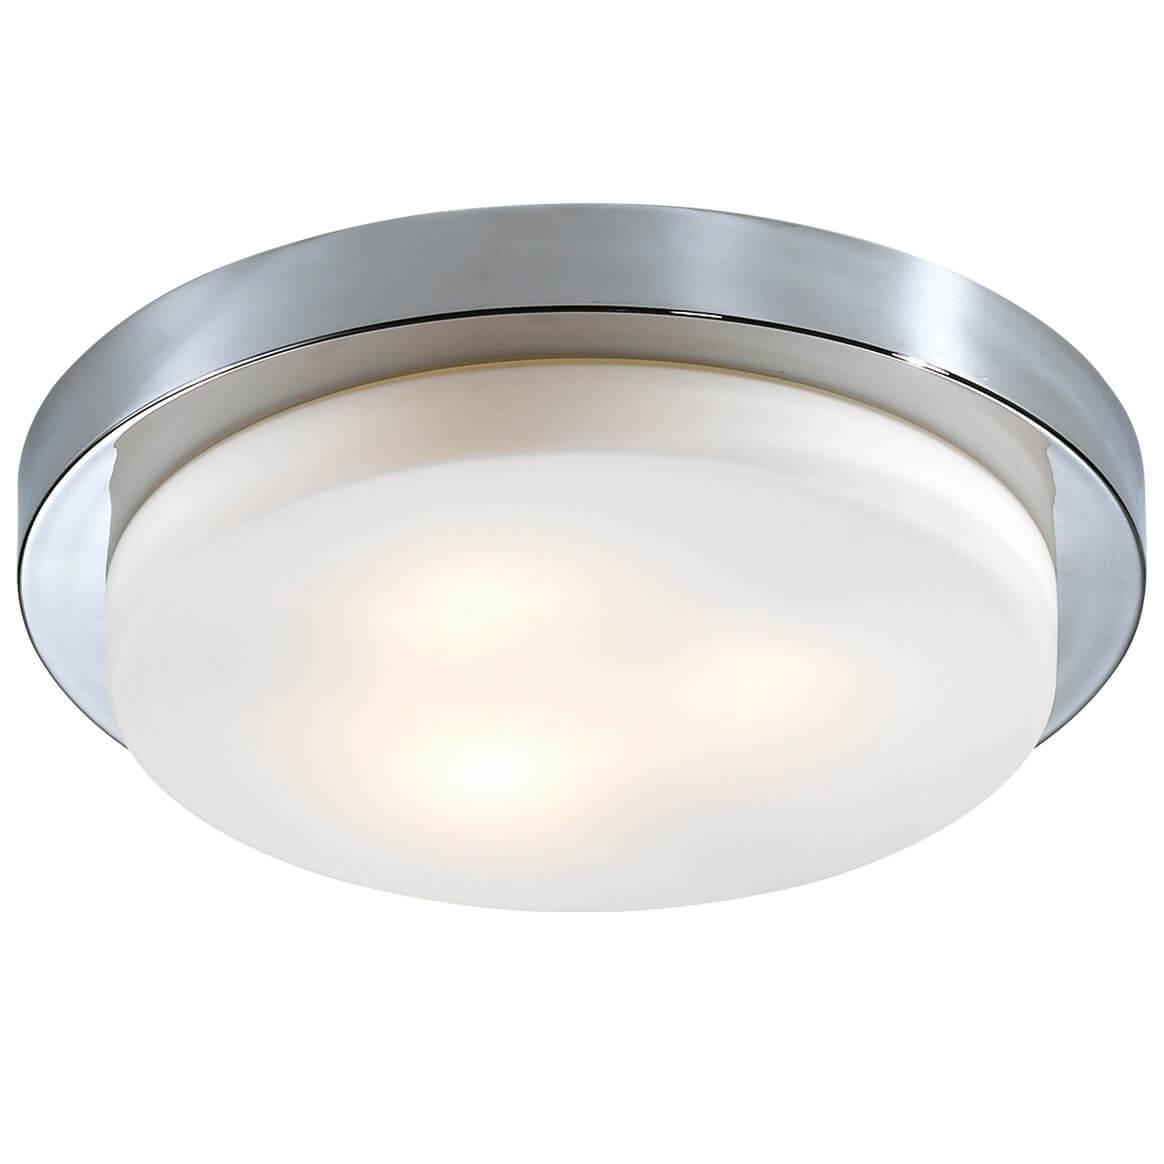 Накладной светильник Odeon Light 2746/3C, E14, 40 Вт цены онлайн